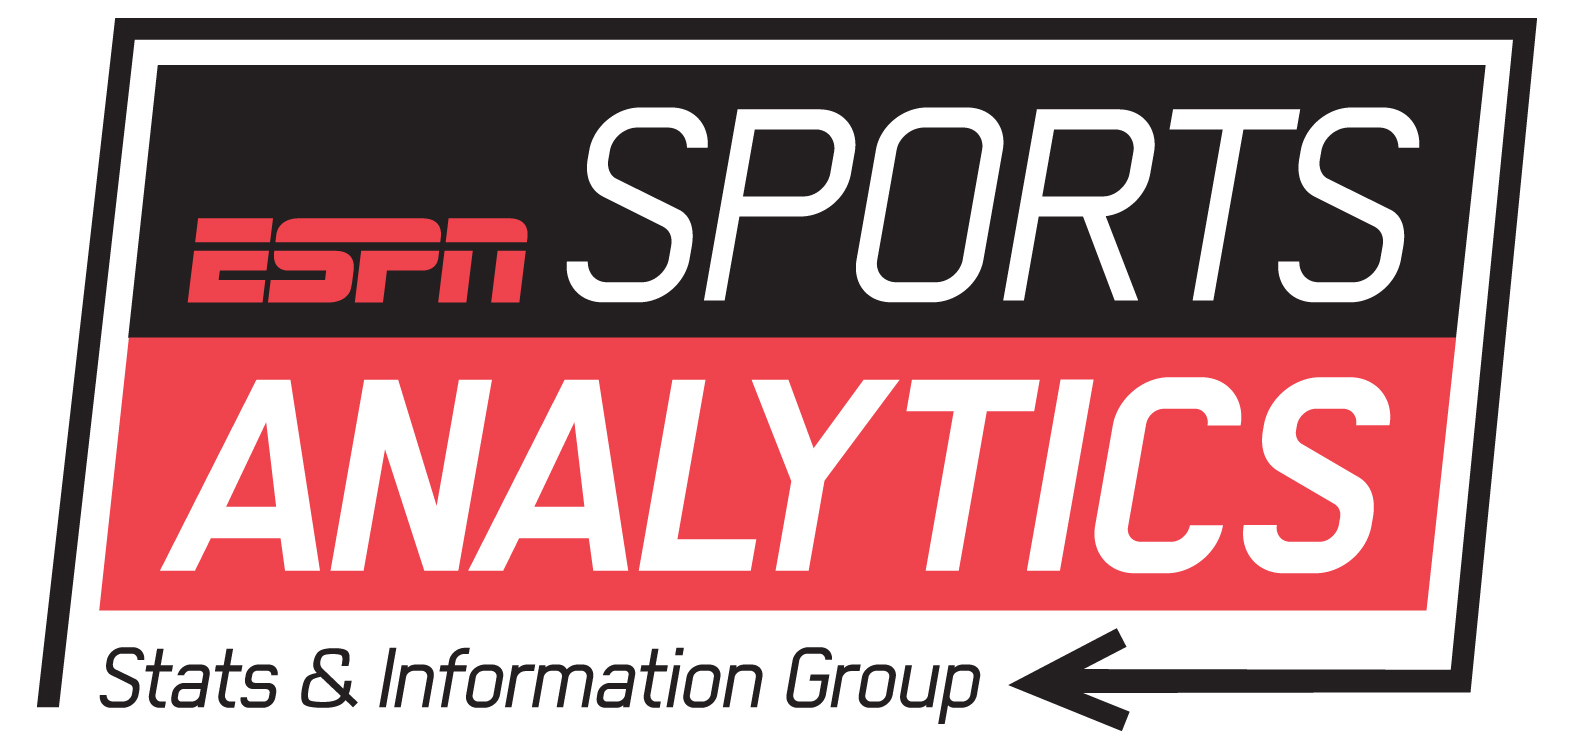 ESPN Sports Analytics